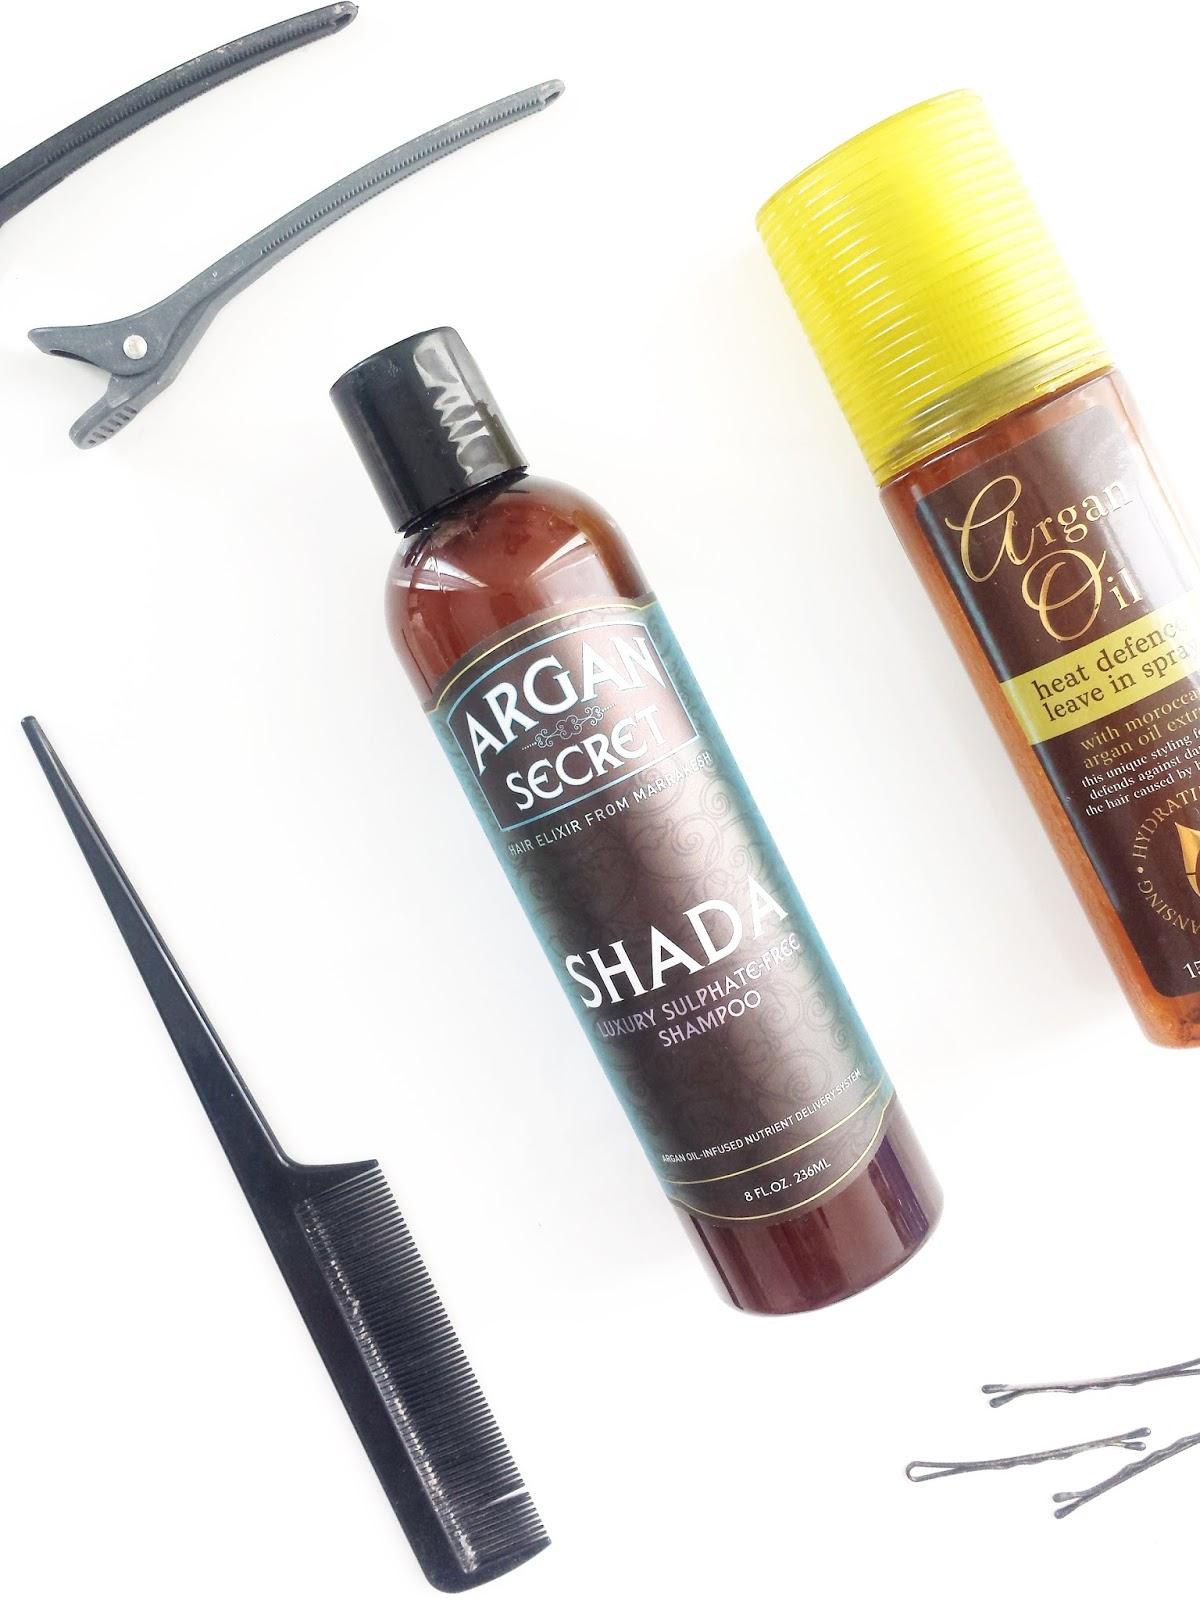 Argan Secret Shada Luxury Shampoo